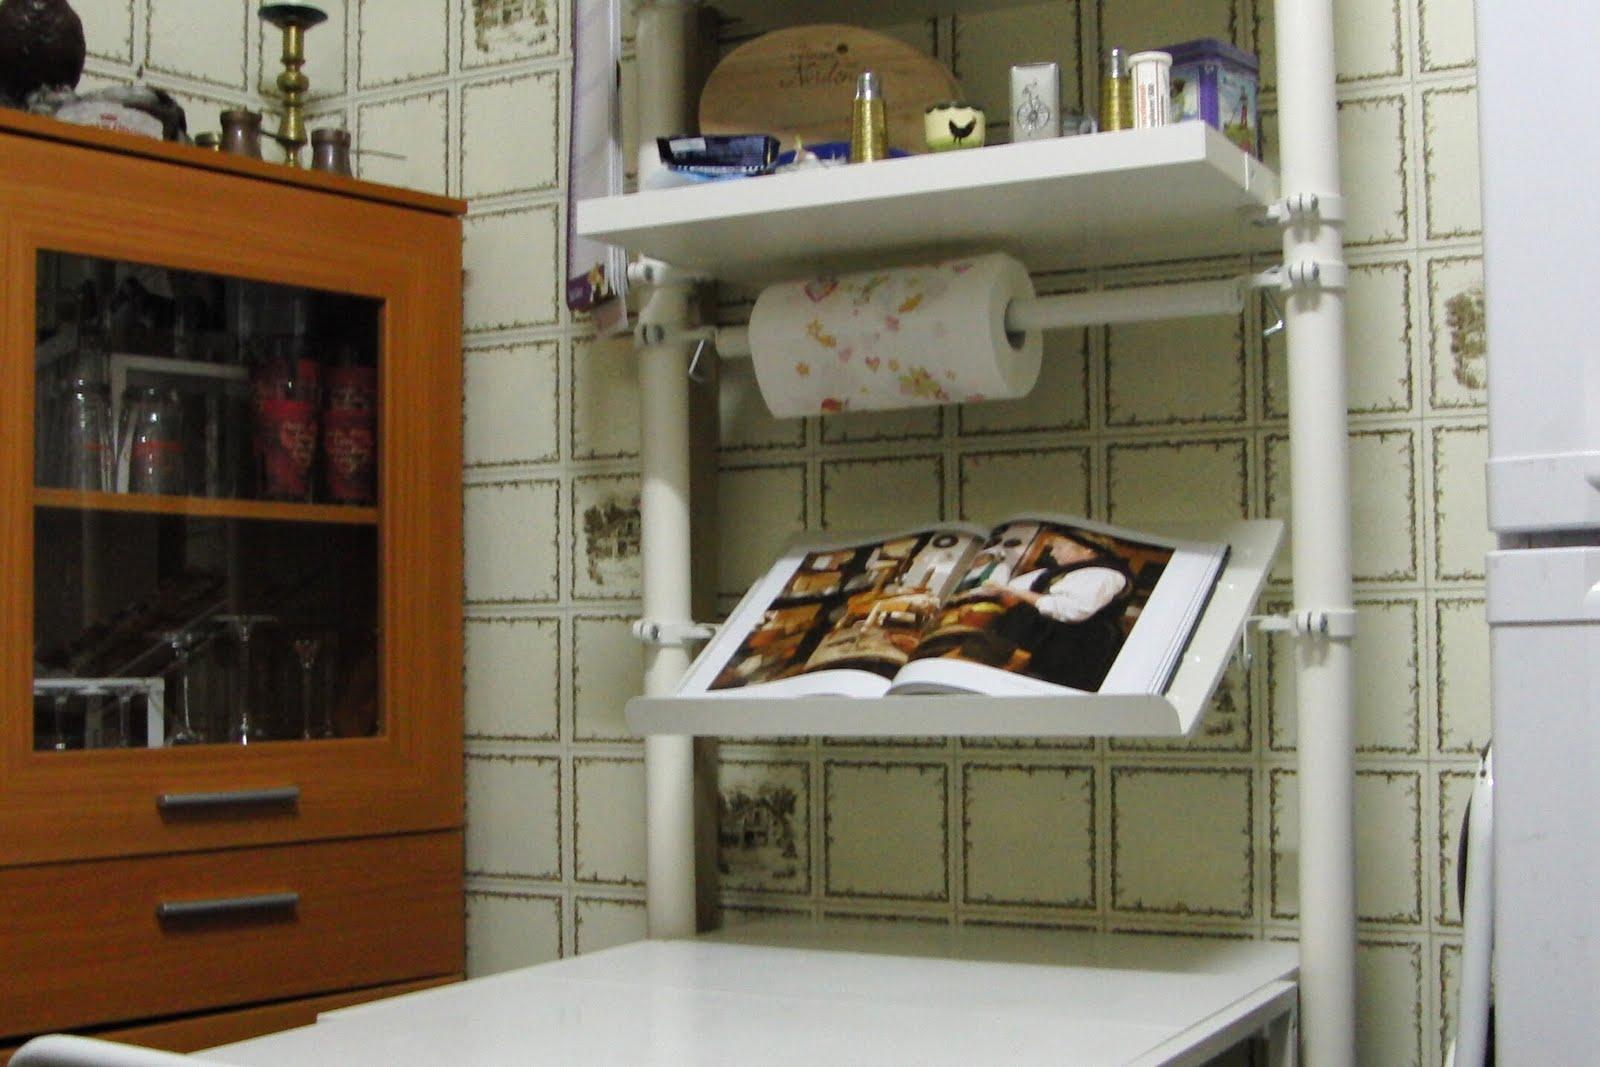 http://4.bp.blogspot.com/-lu3DDSSNVO4/TYi27NUFLJI/AAAAAAAANpM/_gEGRLOmaPw/s1600/k%25C3%25BCche-stolmen-detail.jpg